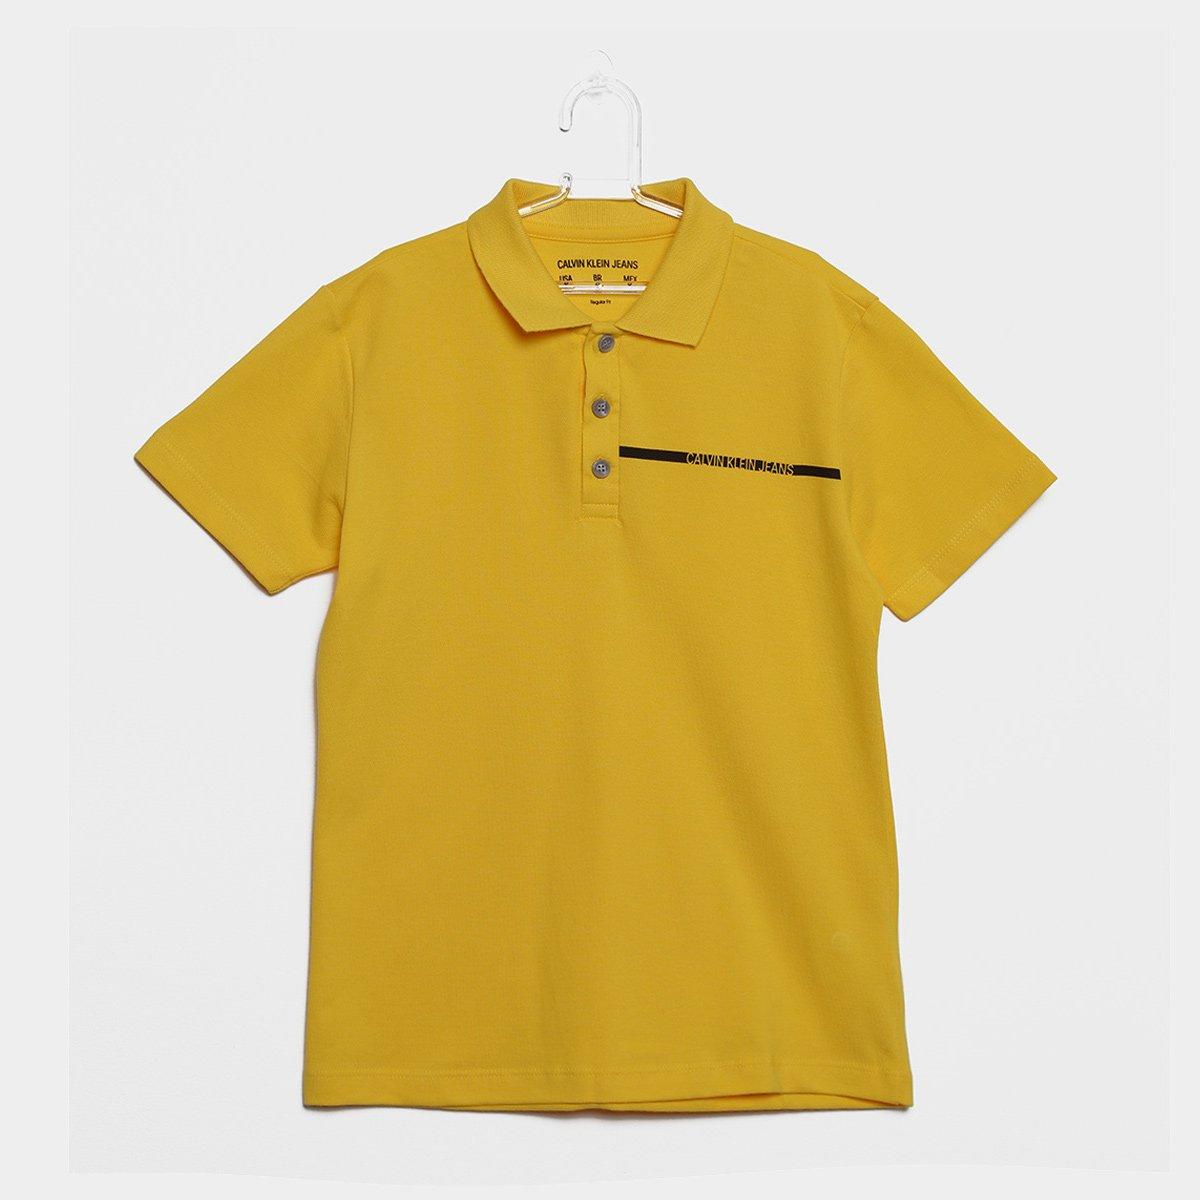 06a98d36df Camisa Polo Infantil Calvin Klein Masculina - Amarelo - Compre Agora ...